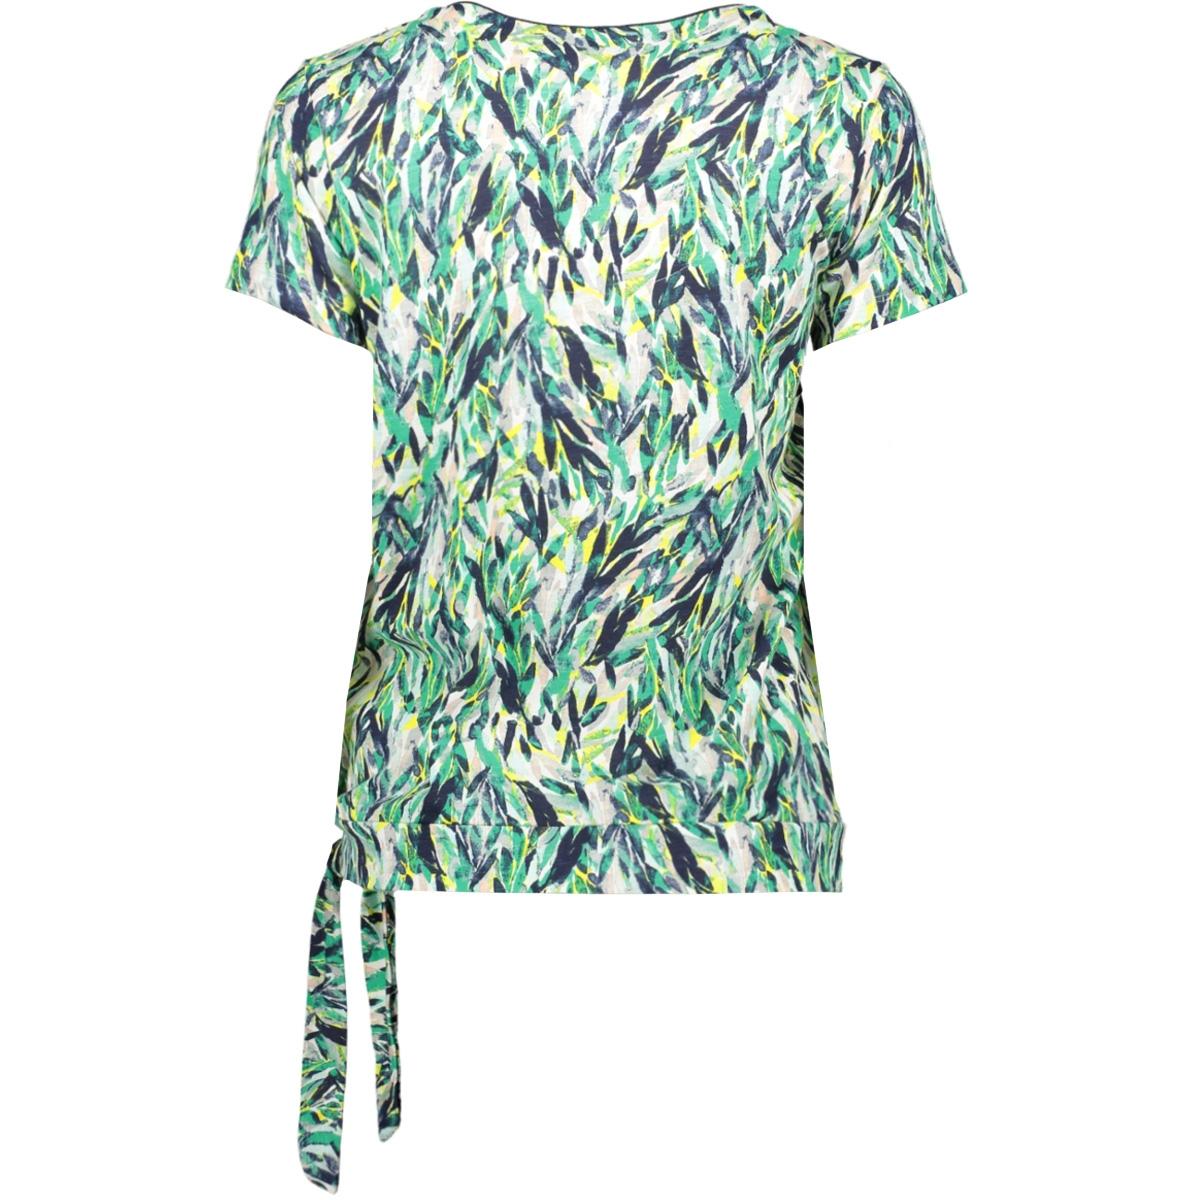 t shirt met knoopdetail 21101693 sandwich t-shirt 50024